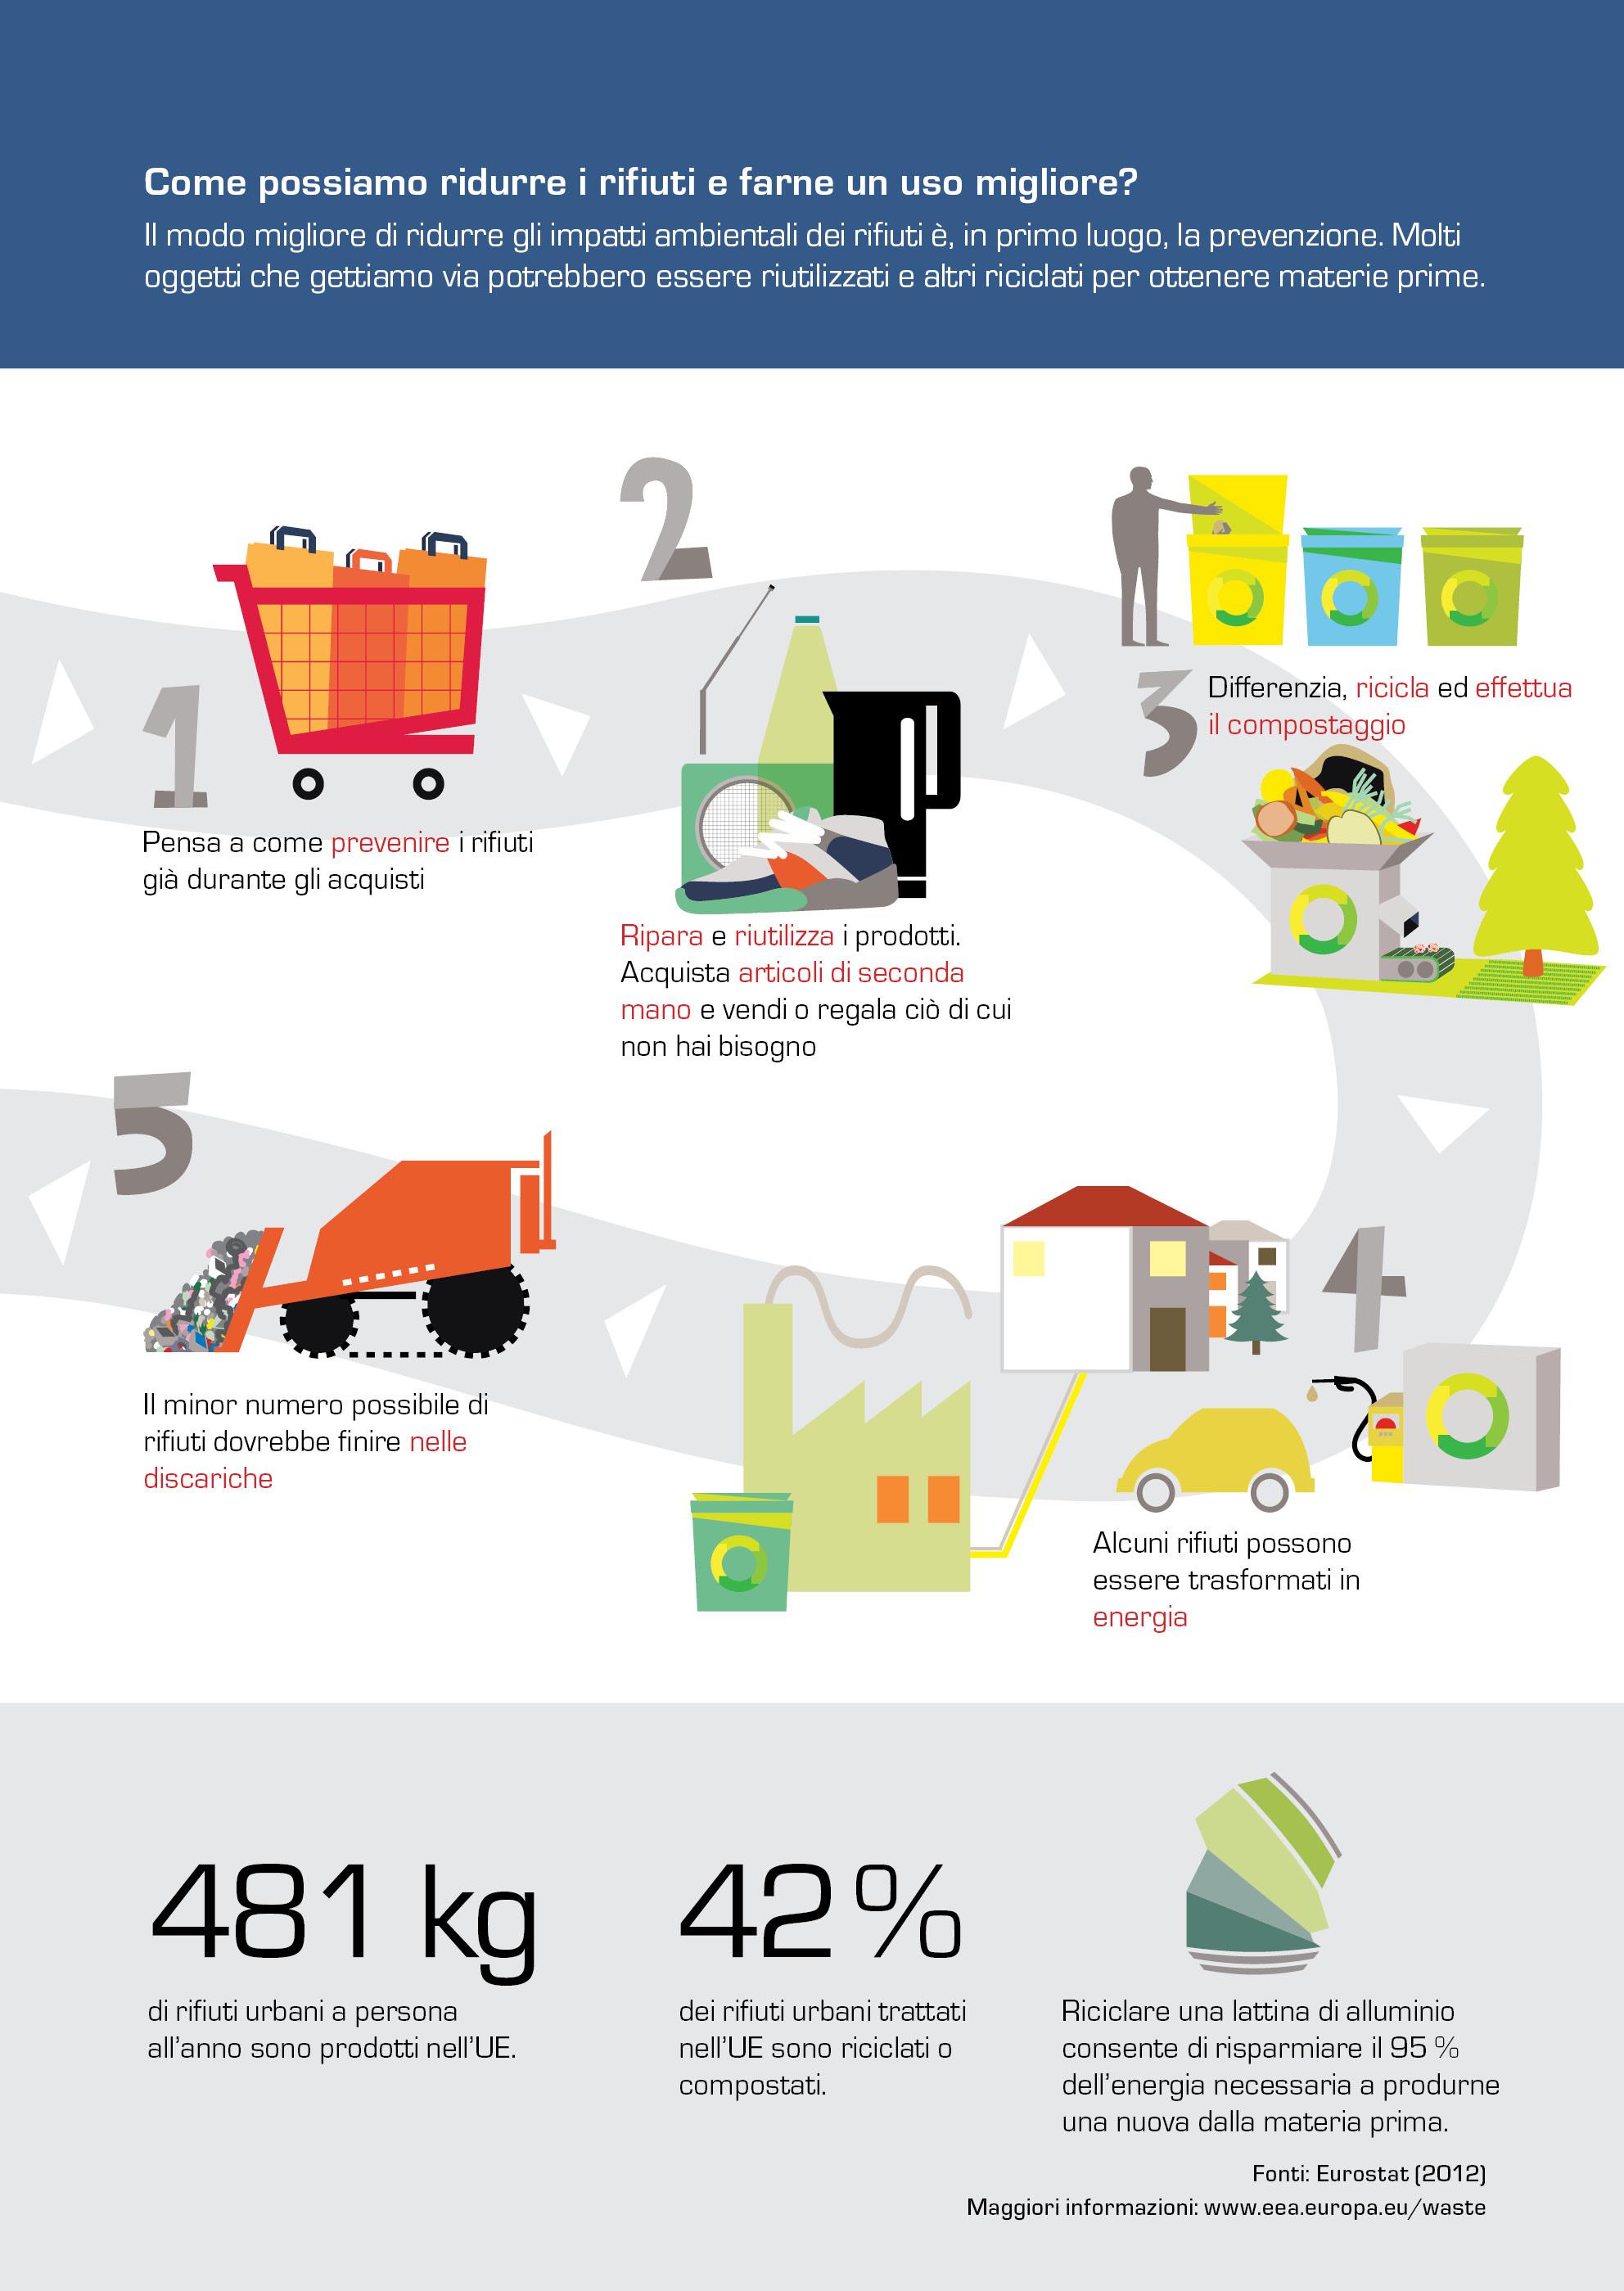 Come possiamo ridurre i rifiuti e farne un uso migliore?